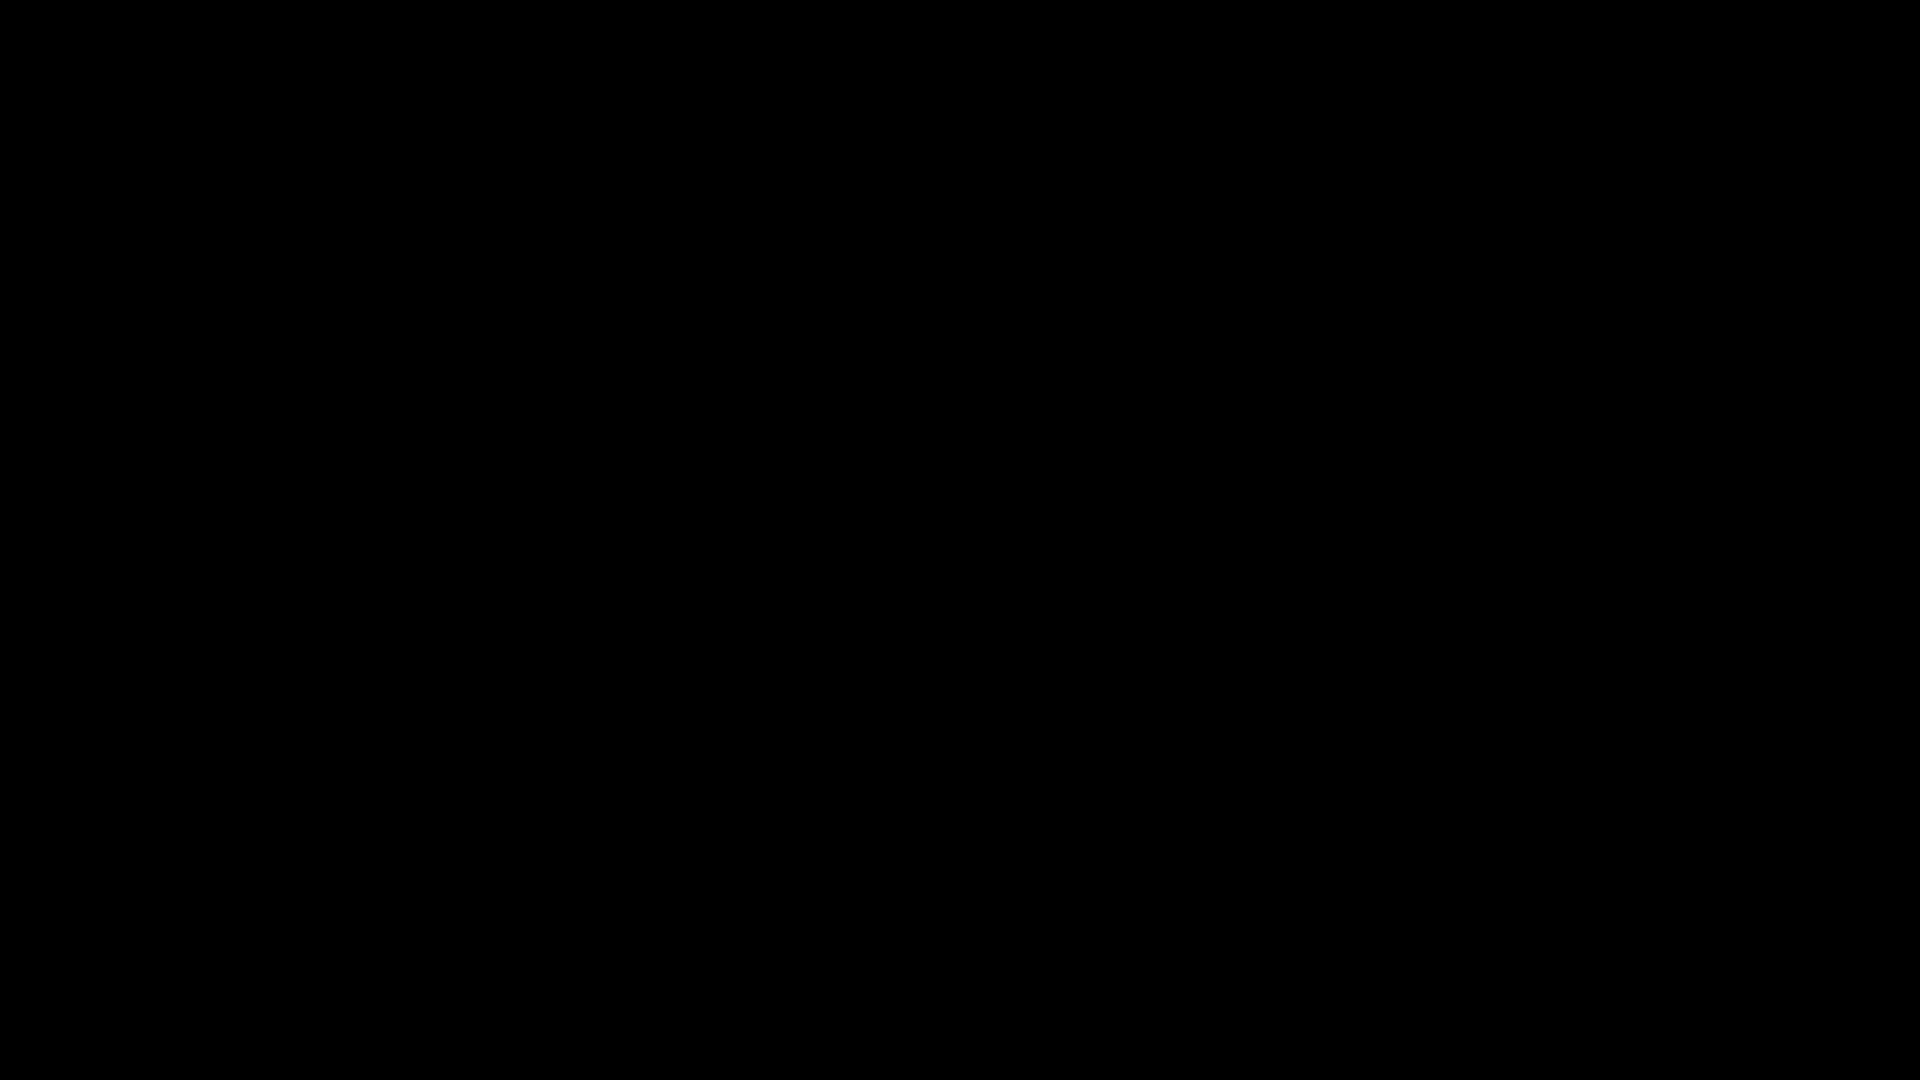 دوستان شاد درختی قسمت 38-فصل 2 قسمت 11- سال 2001 تا 2005- لینک تمام قسمت ها در توضیح زیر این ویدیو